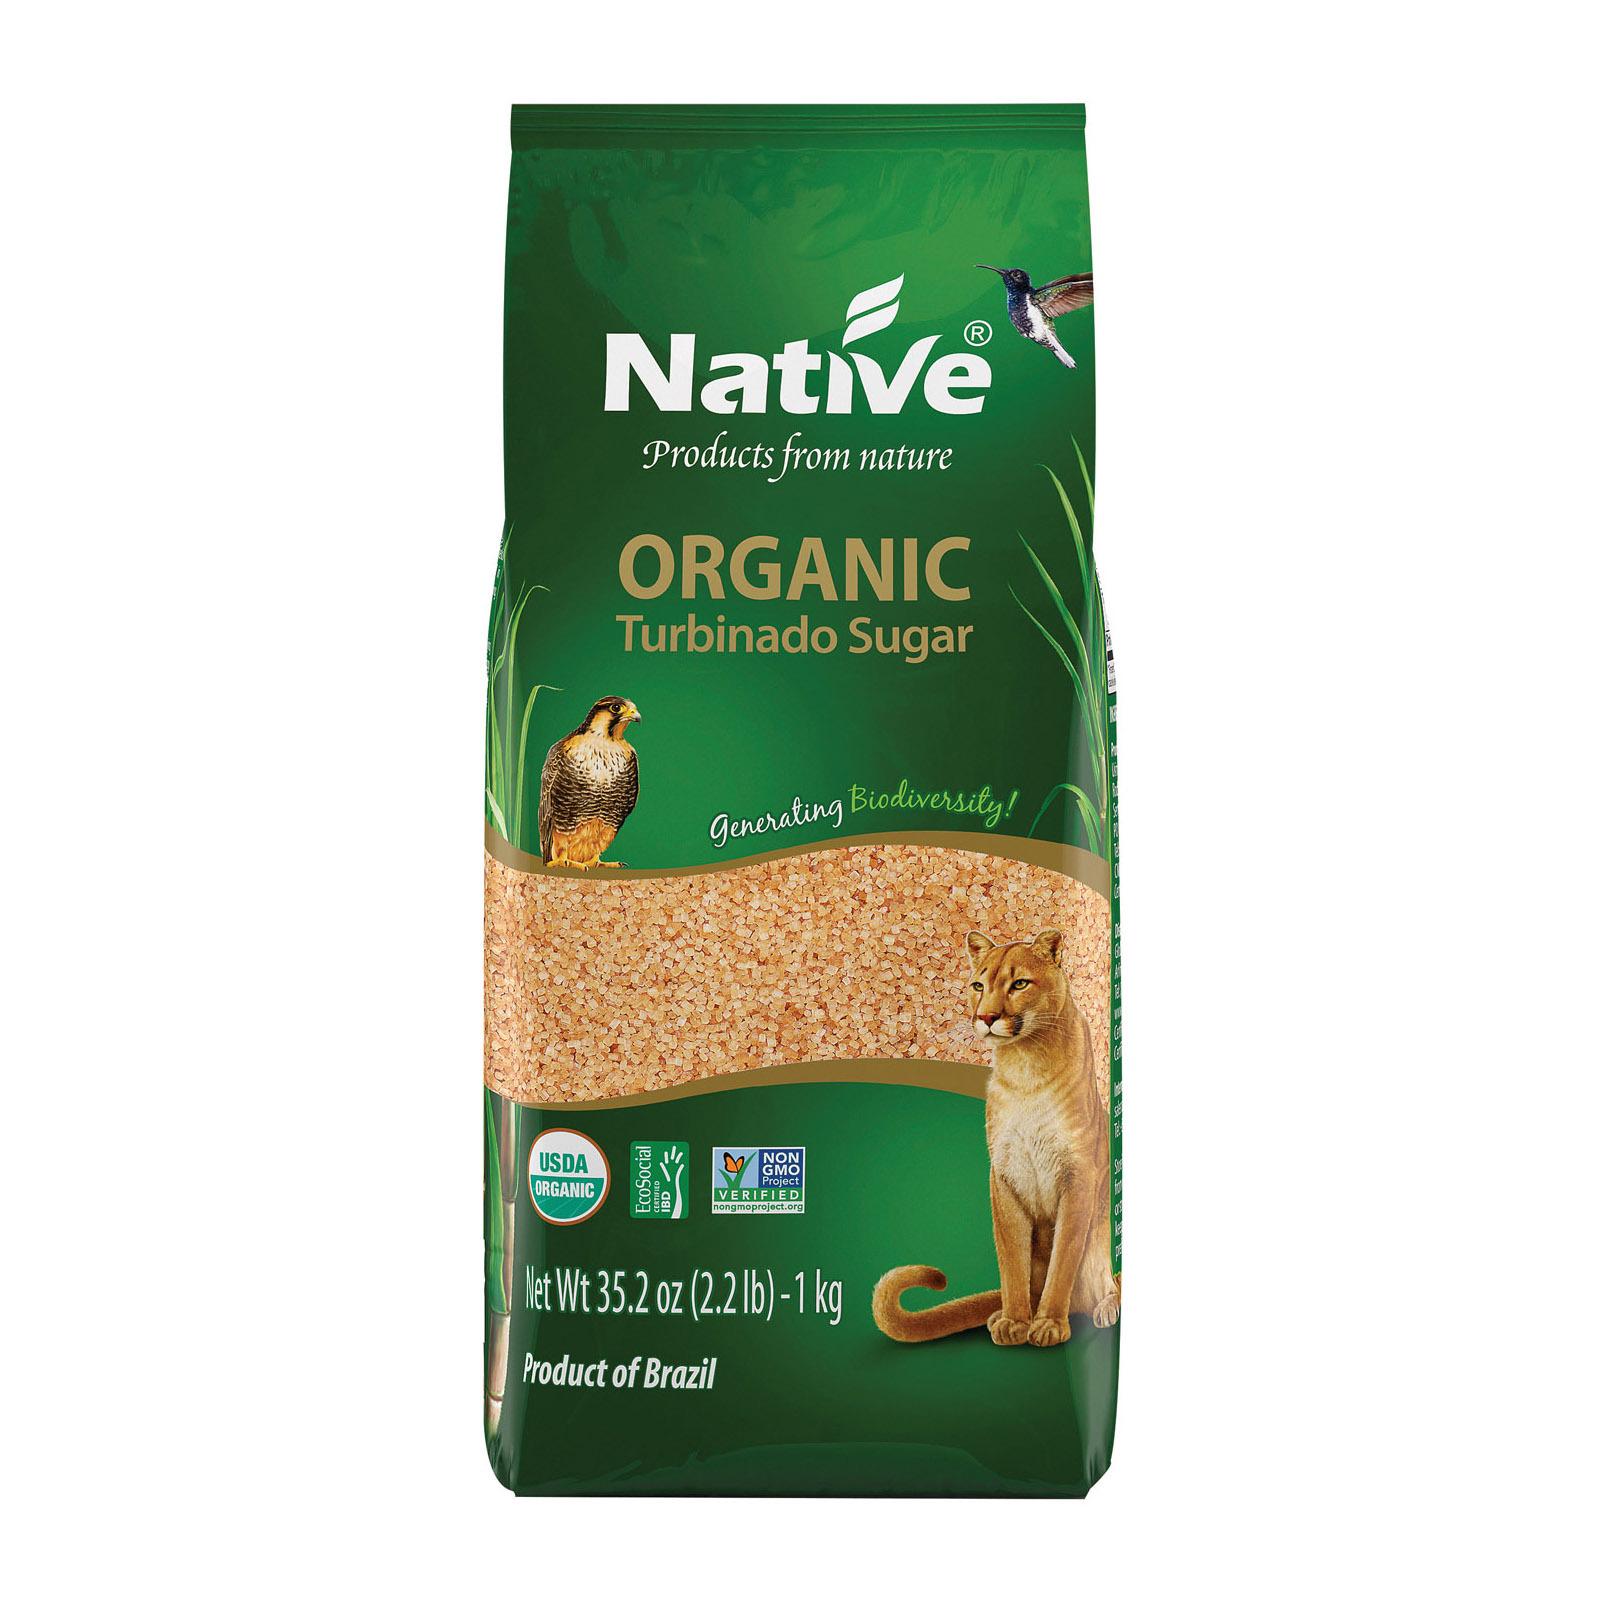 Native Organic Demerara Cane Sugar - Case of 12 - 2.21 lb.